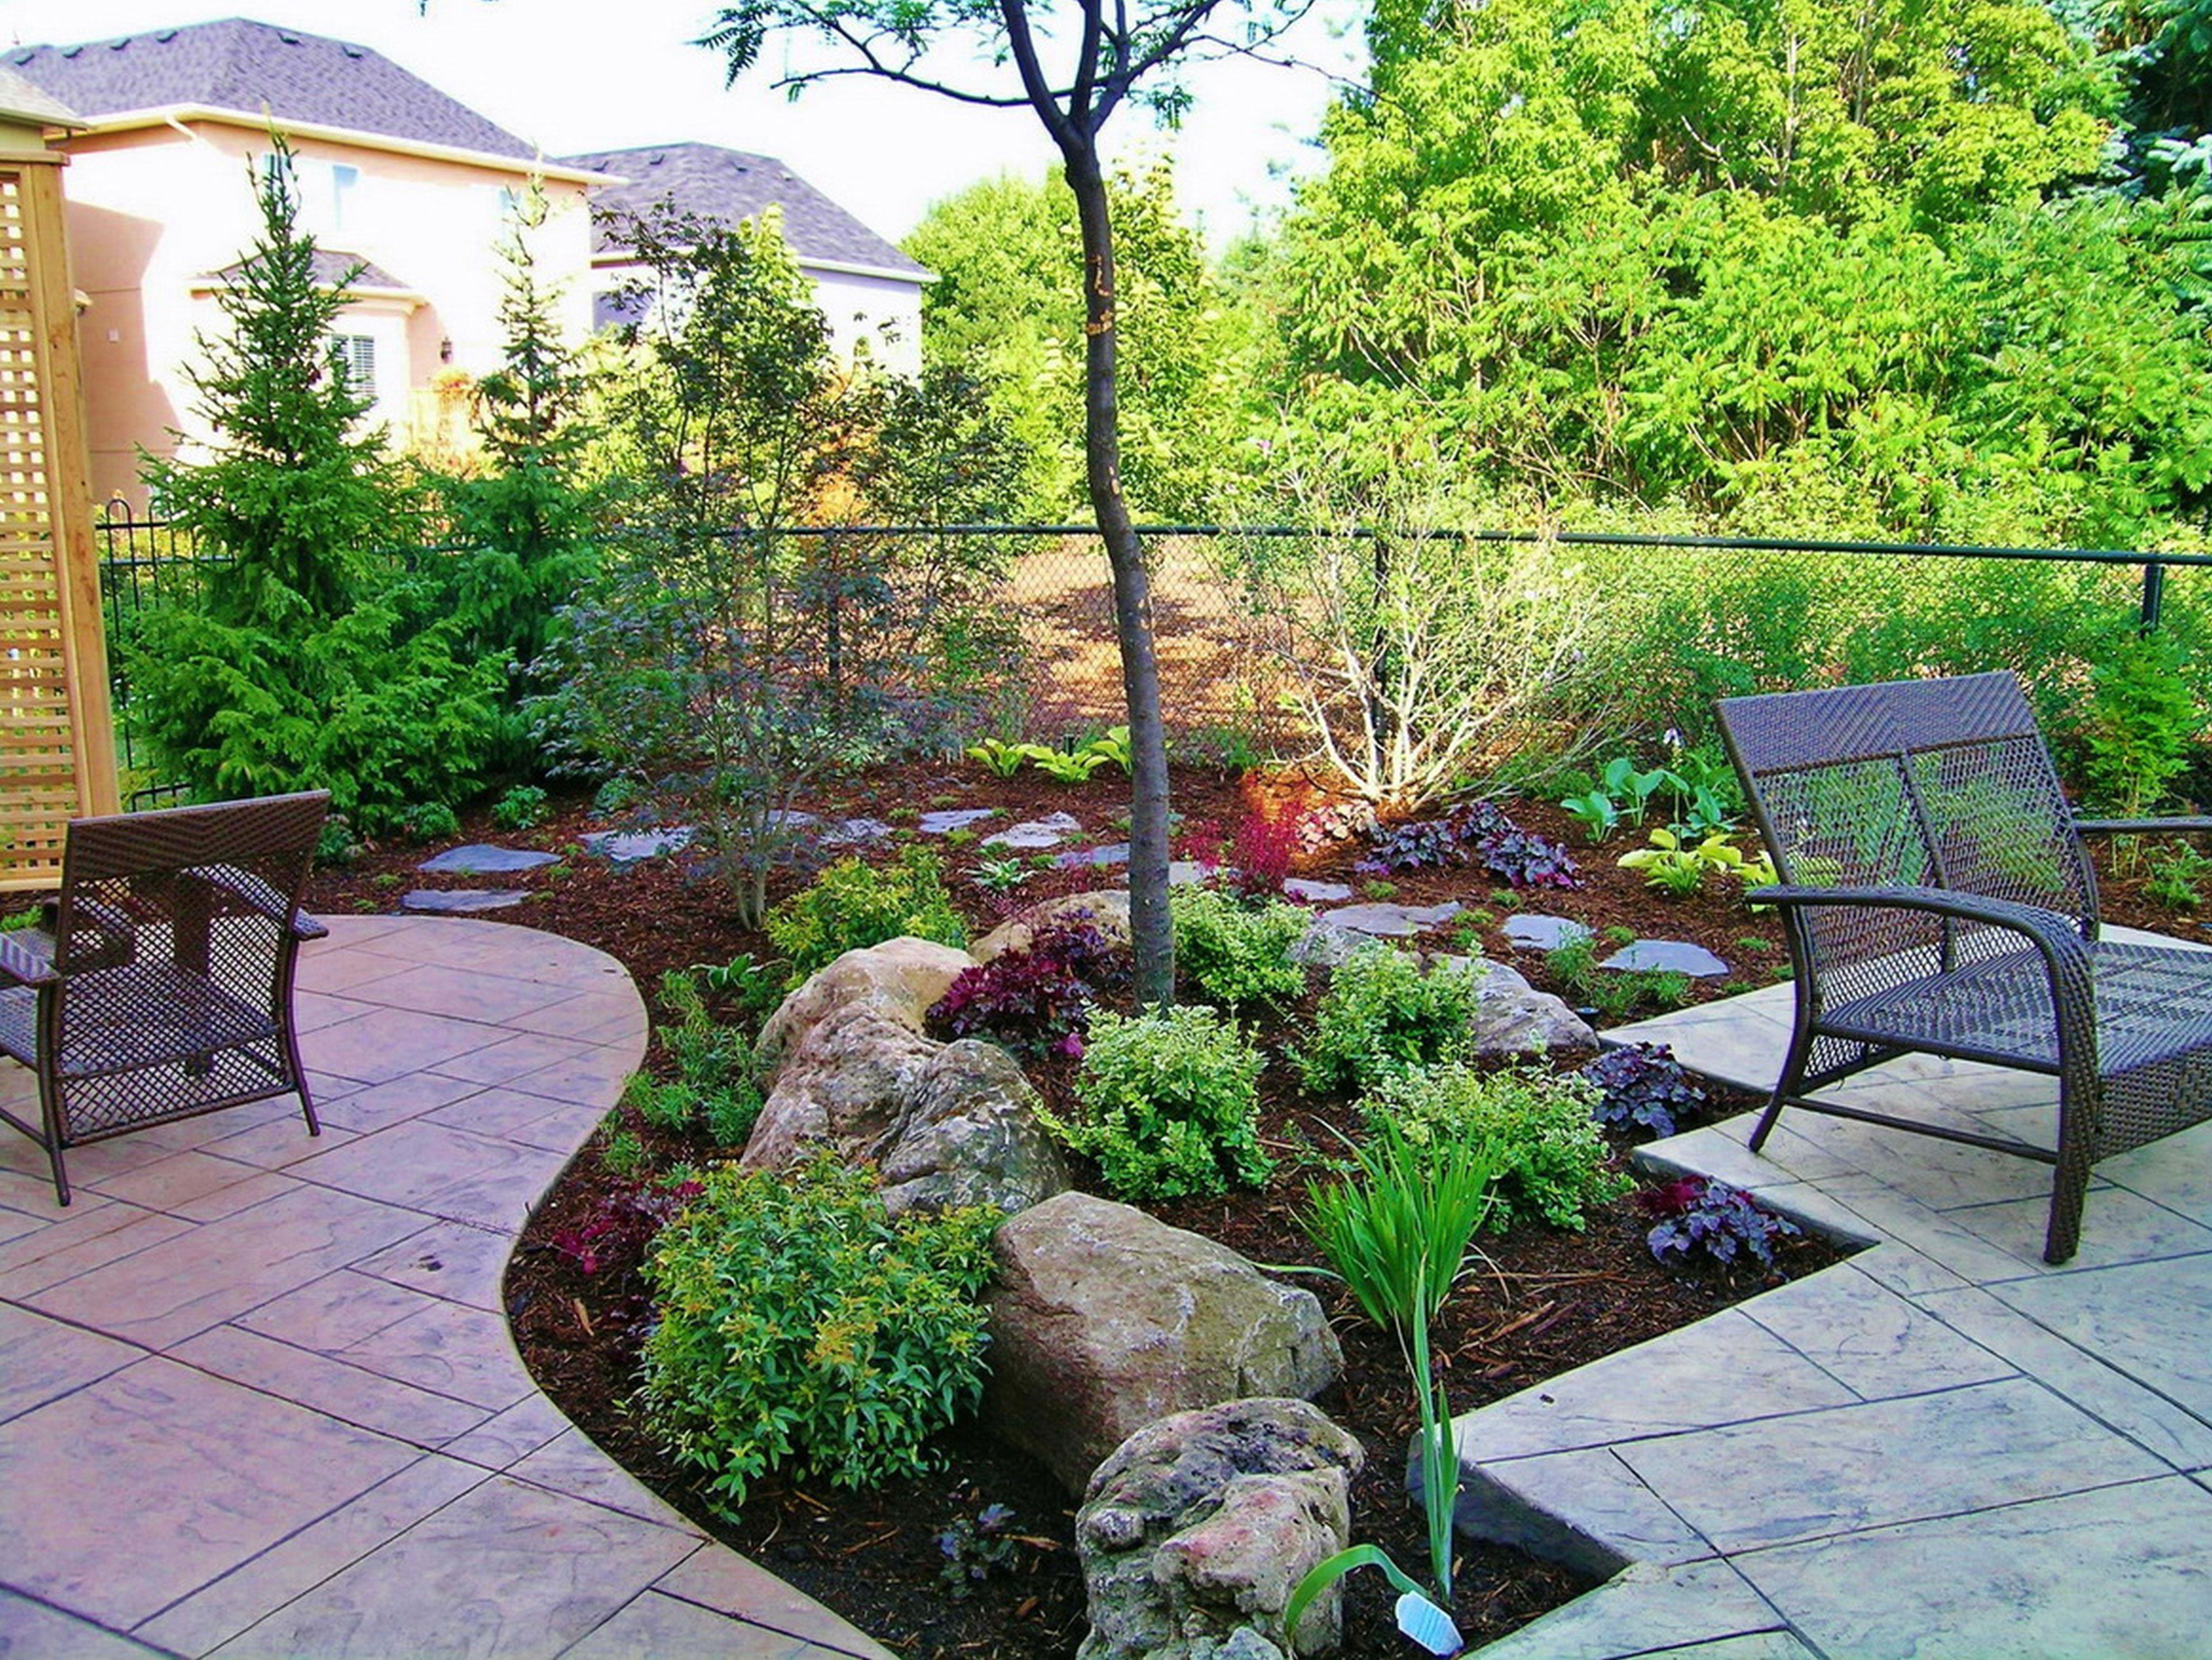 Greenhouse ideas google search landscaping ideas pinterest small backyard garden ideas nz simple do it yourself landscaping ideas design ideas picture solutioingenieria Images